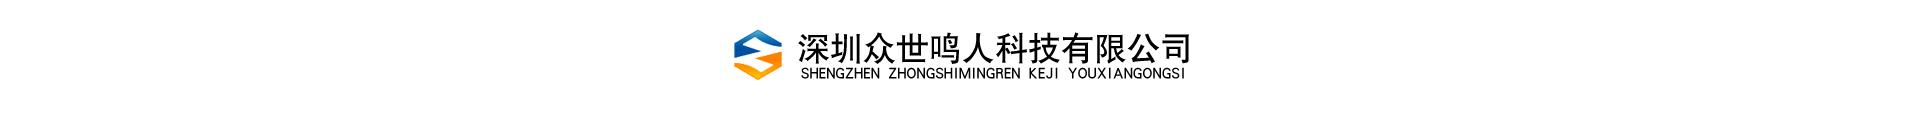 深圳众世鸣人科技有限公司